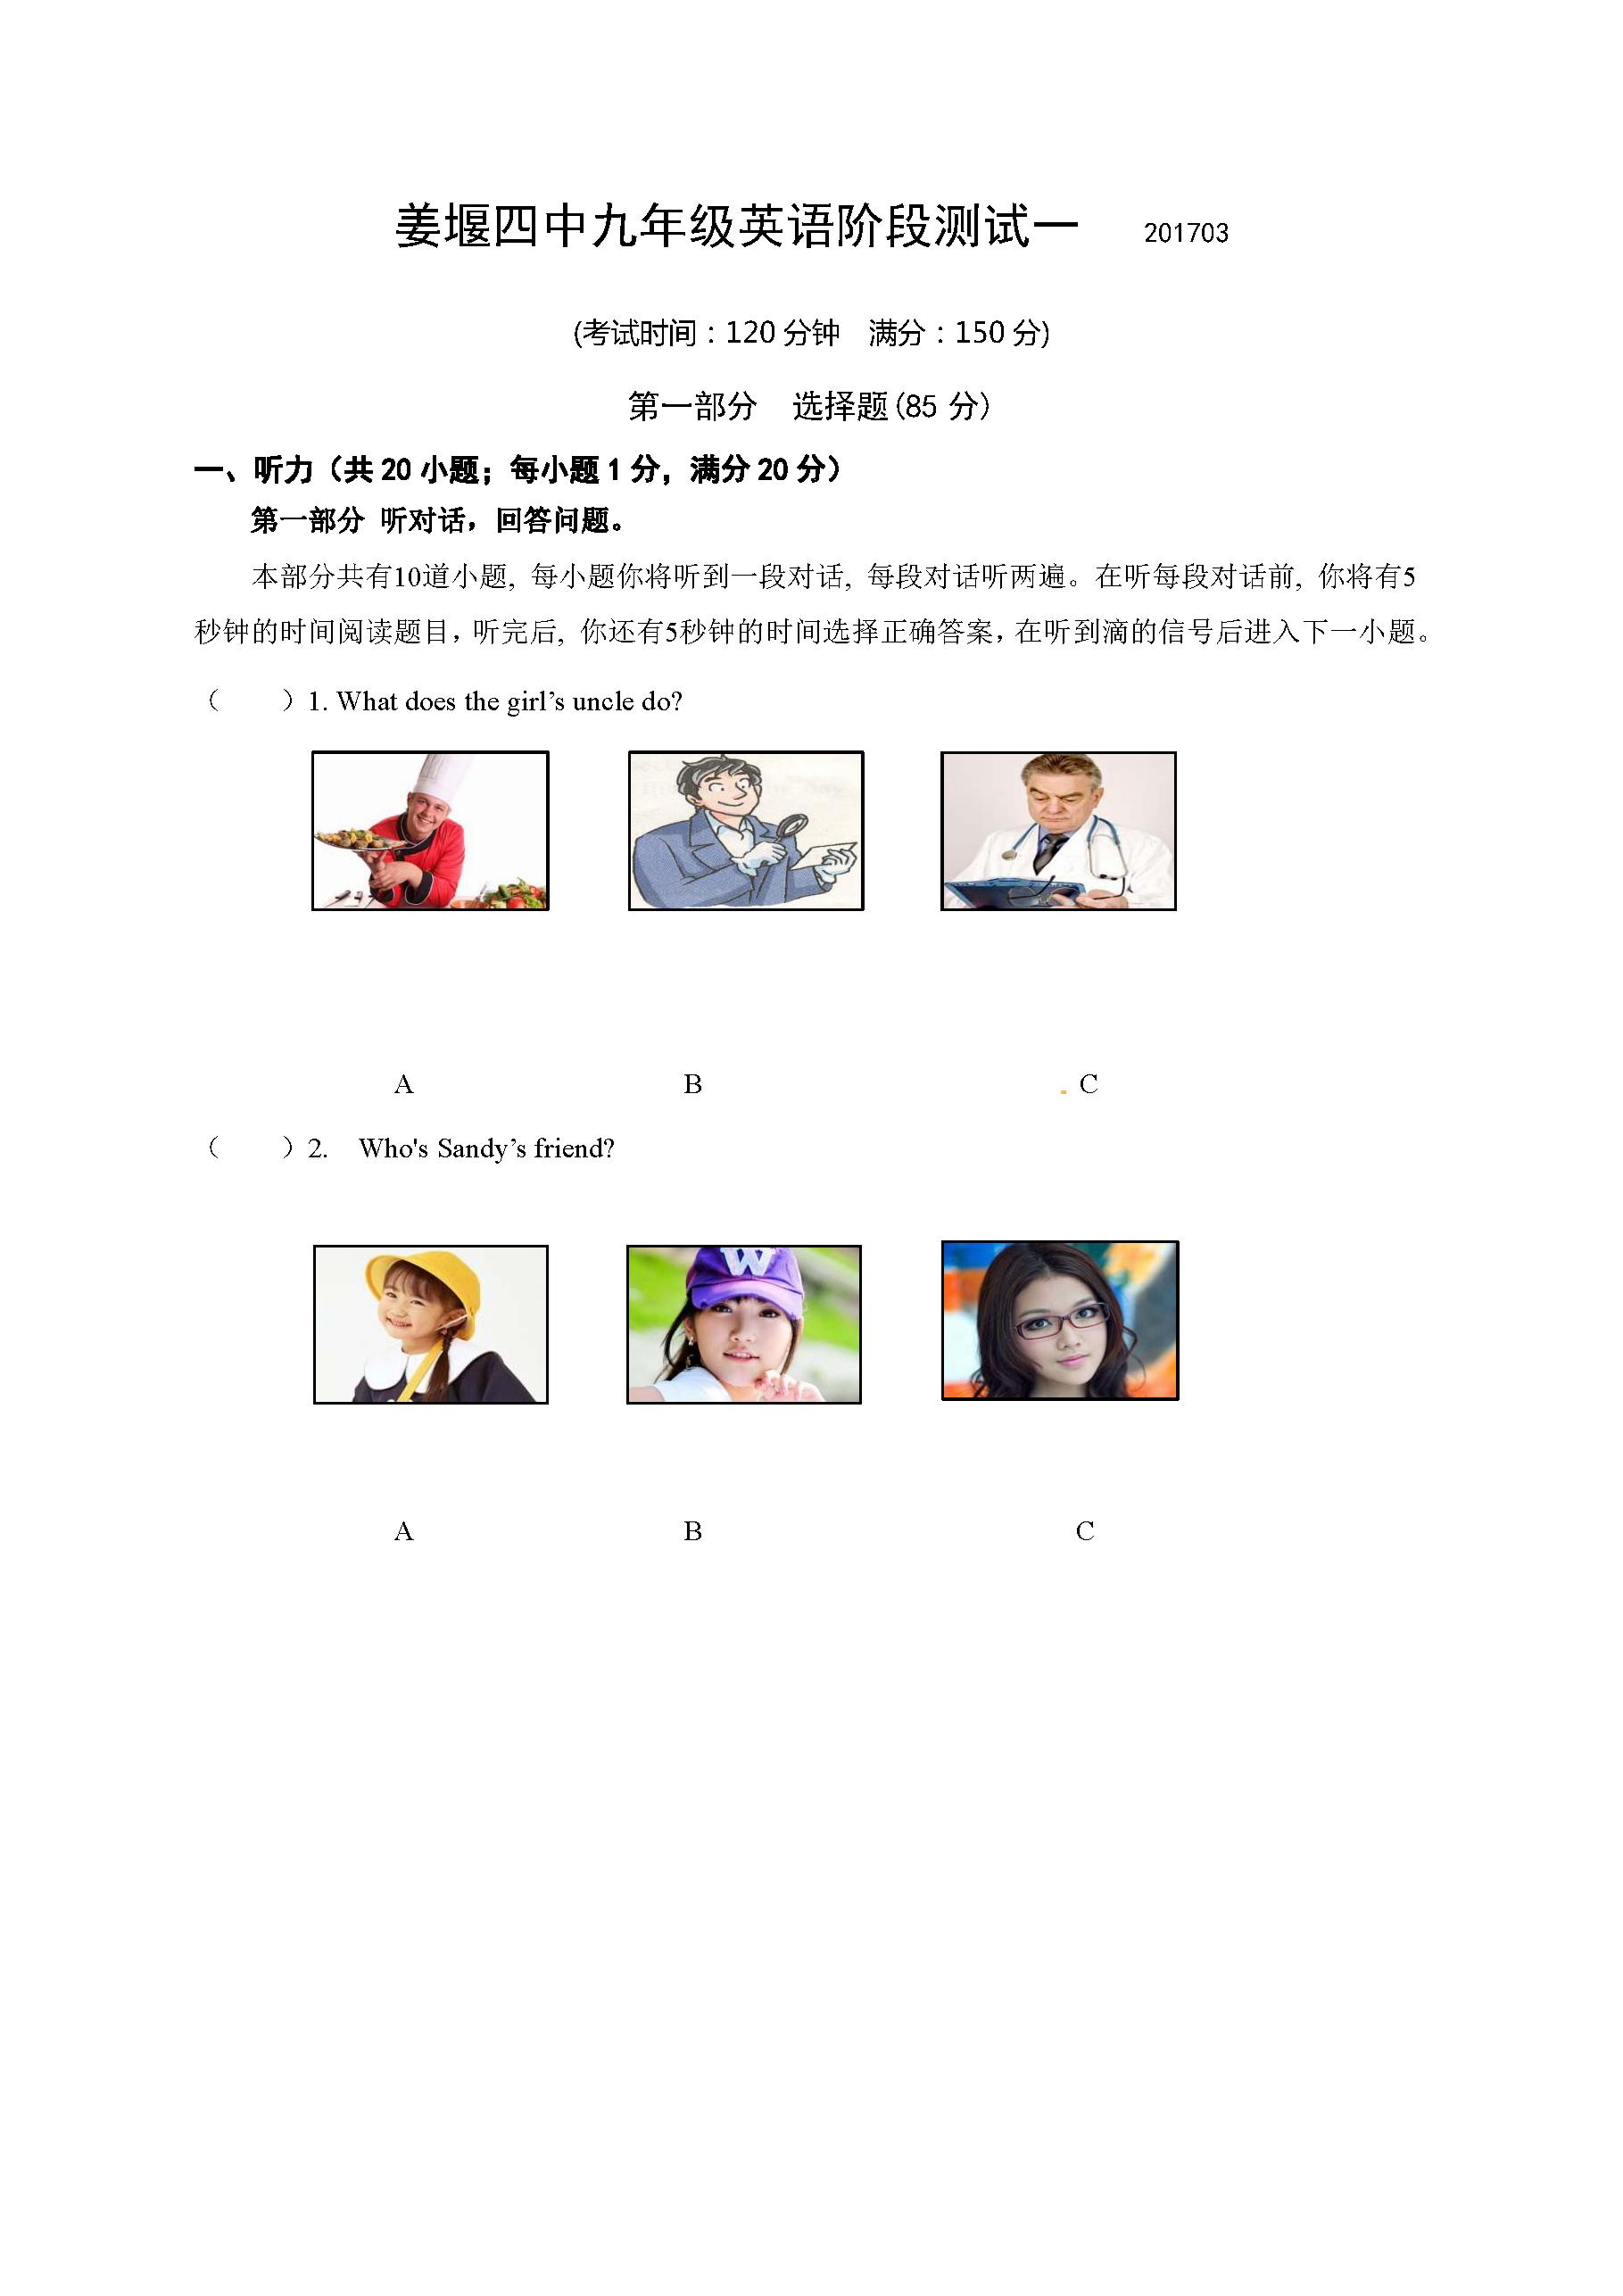 江苏姜堰第四中学2017九年级下第一次月考英语试题(图片版)